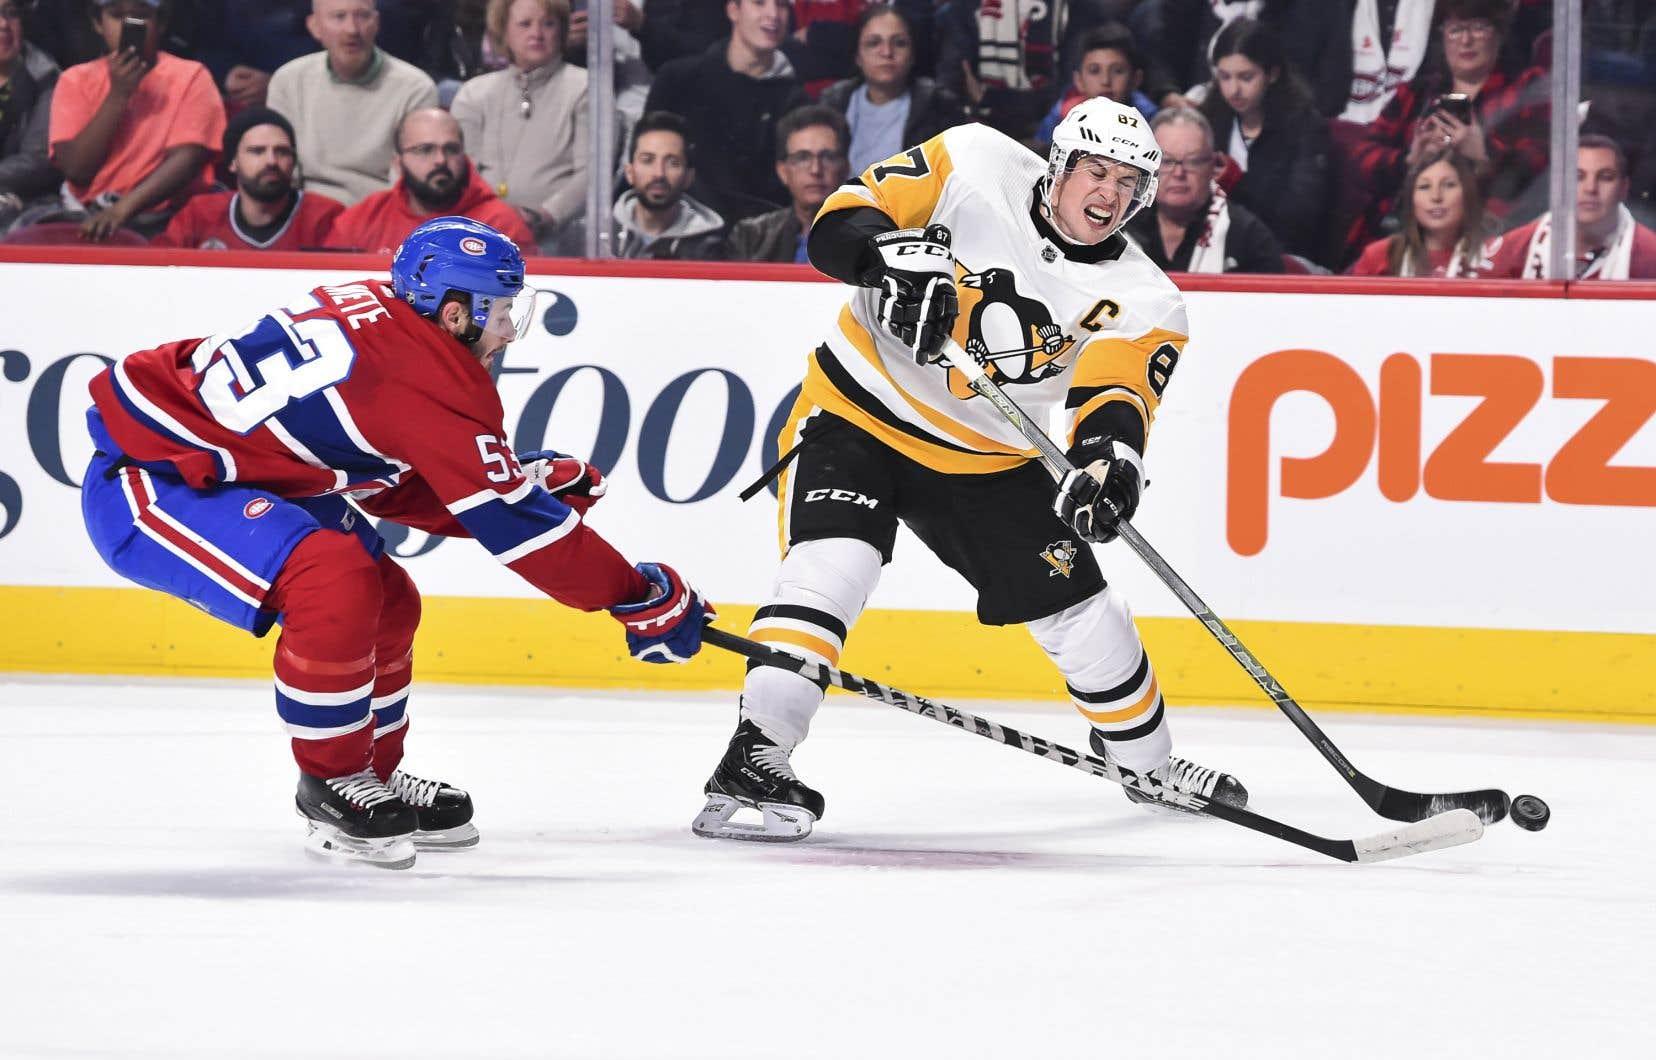 Le Canadien espère voir la relève lever son jeu d'un cran, tandis que les Penguins visent une longue marche vers un troisième titre en cinq ans.